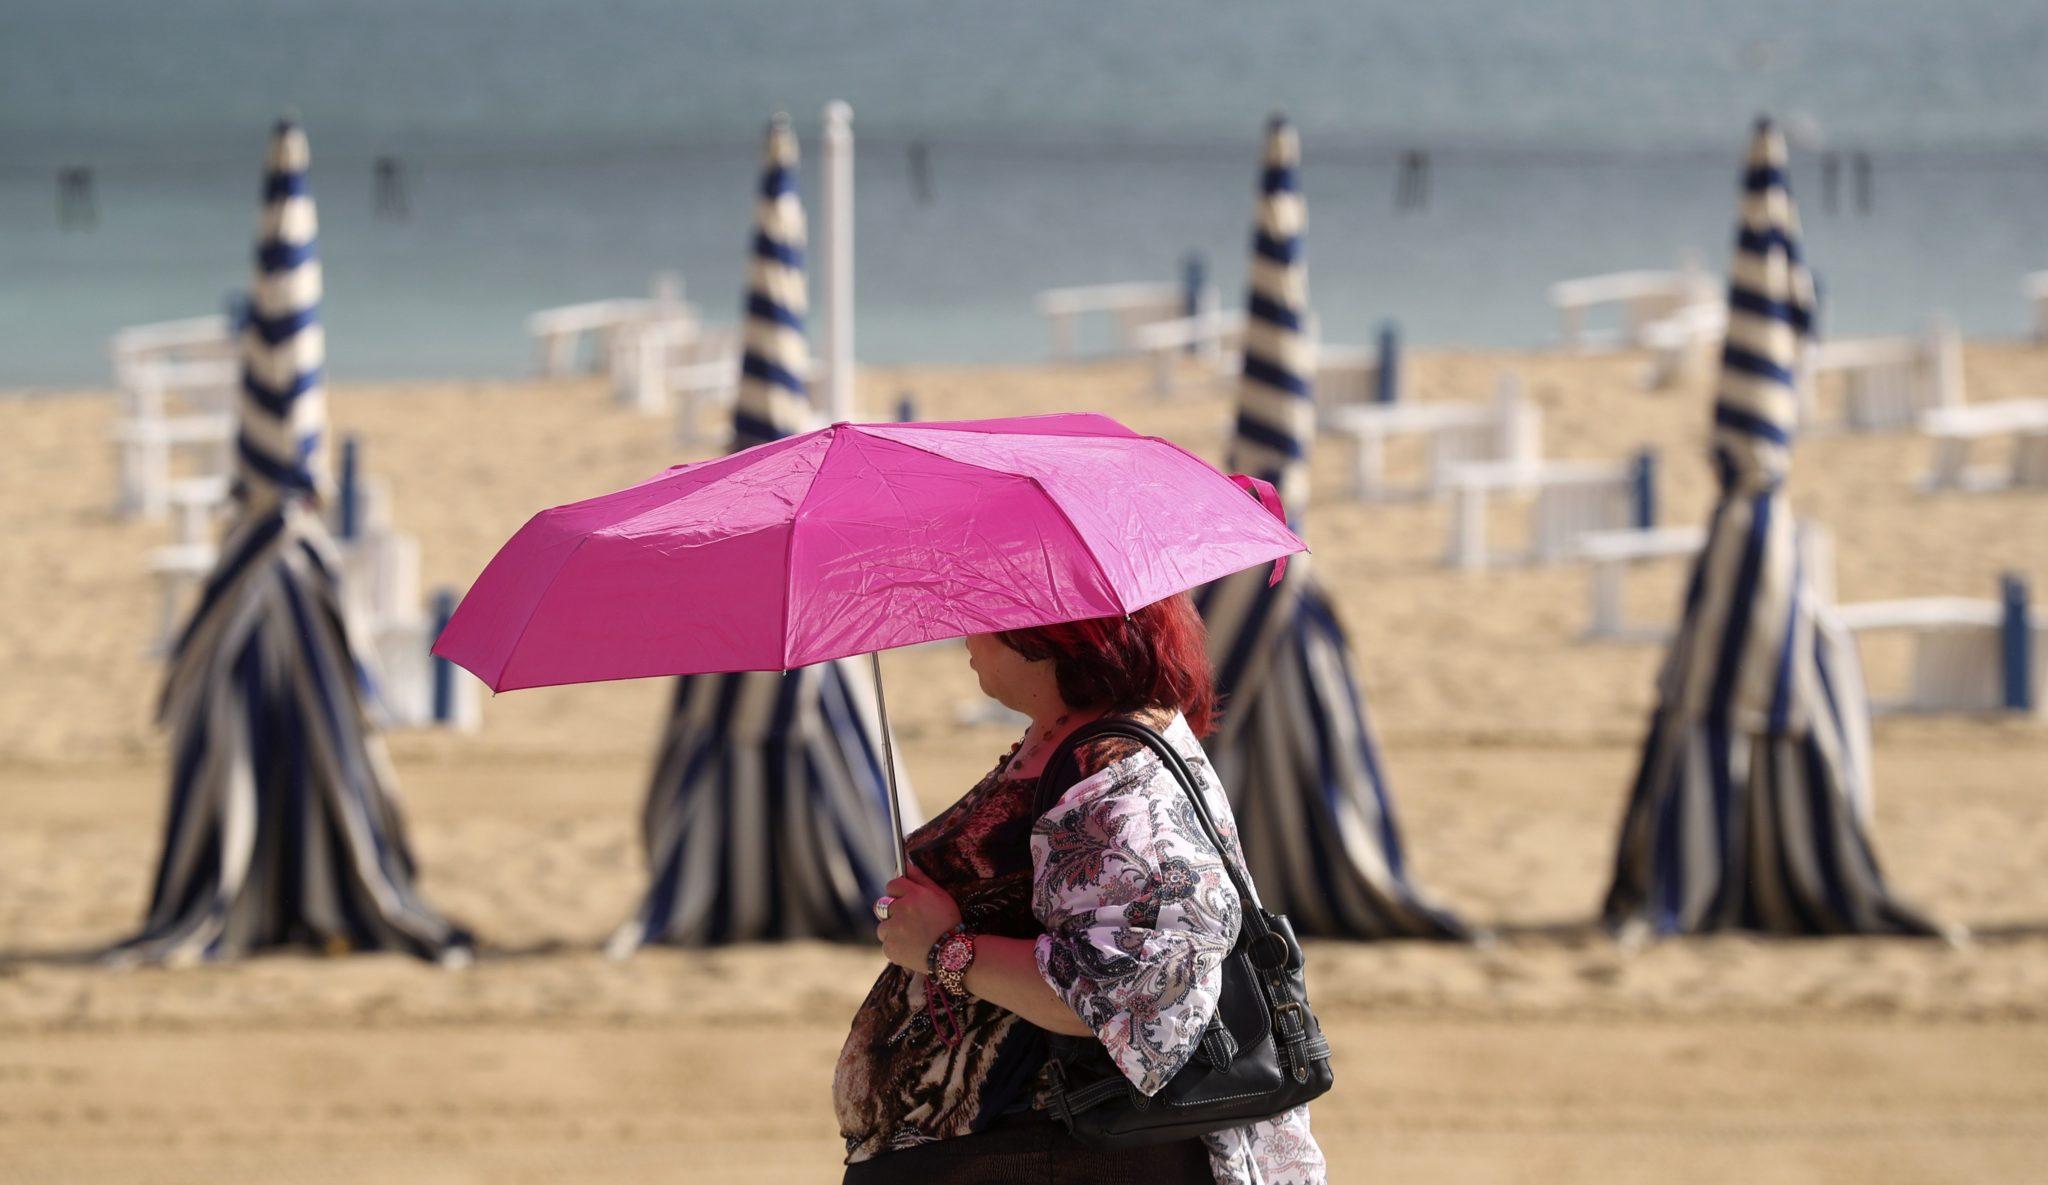 Kobieta z parasolką w czasie upałów na plaży Ondaretta w San San Sebastian, w północnej Hiszpanii , fot: Juan Herrero PAP/EPA.